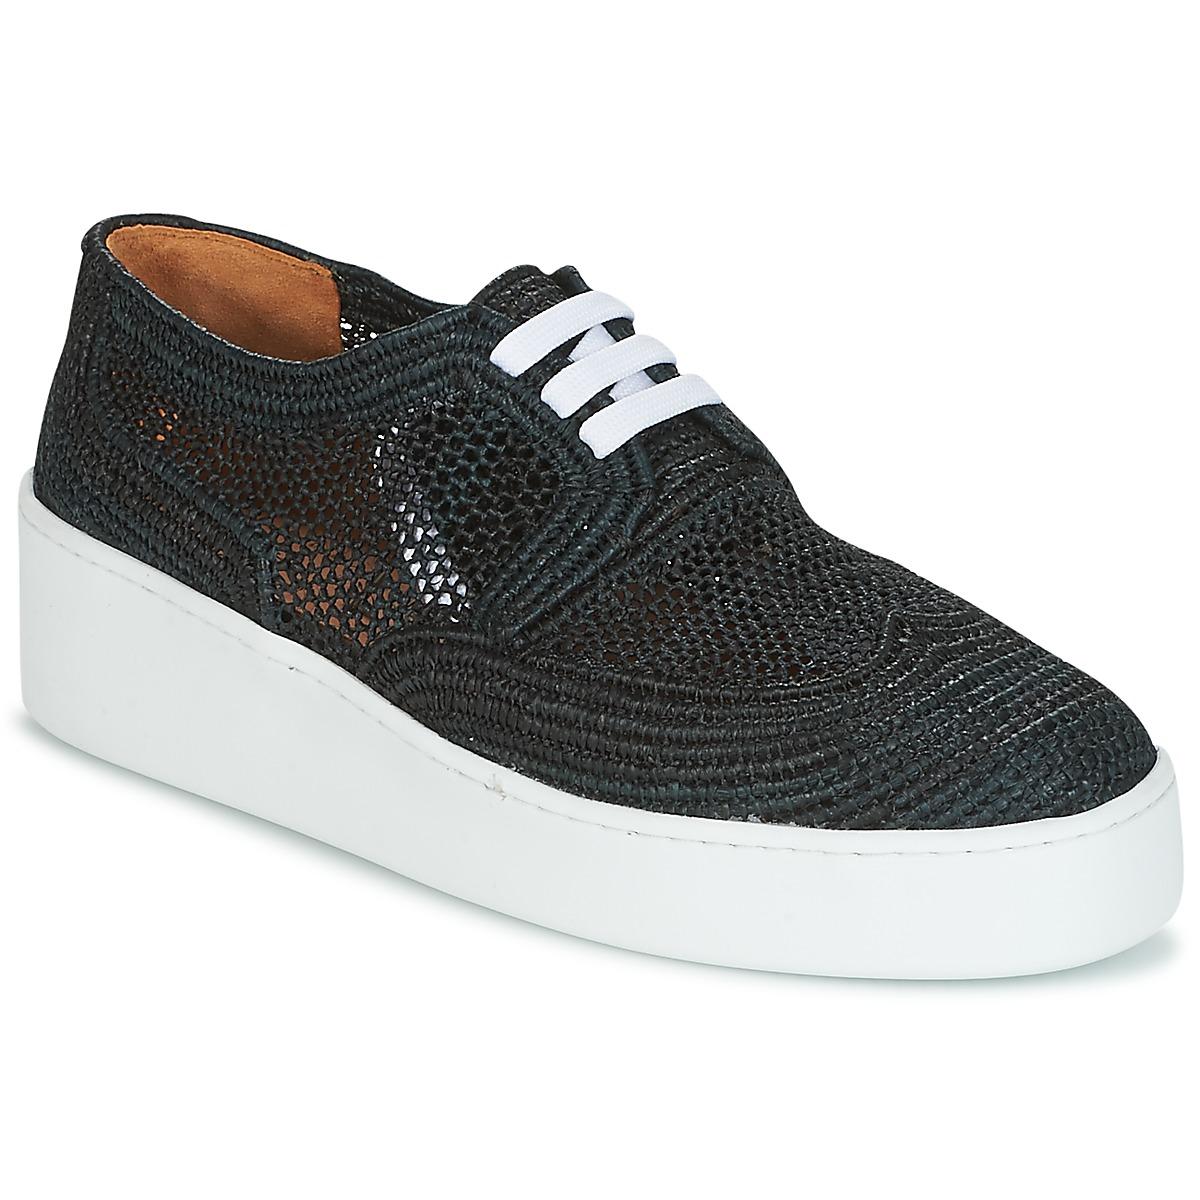 Sneakers Robert Clergerie  TAYPAYDE